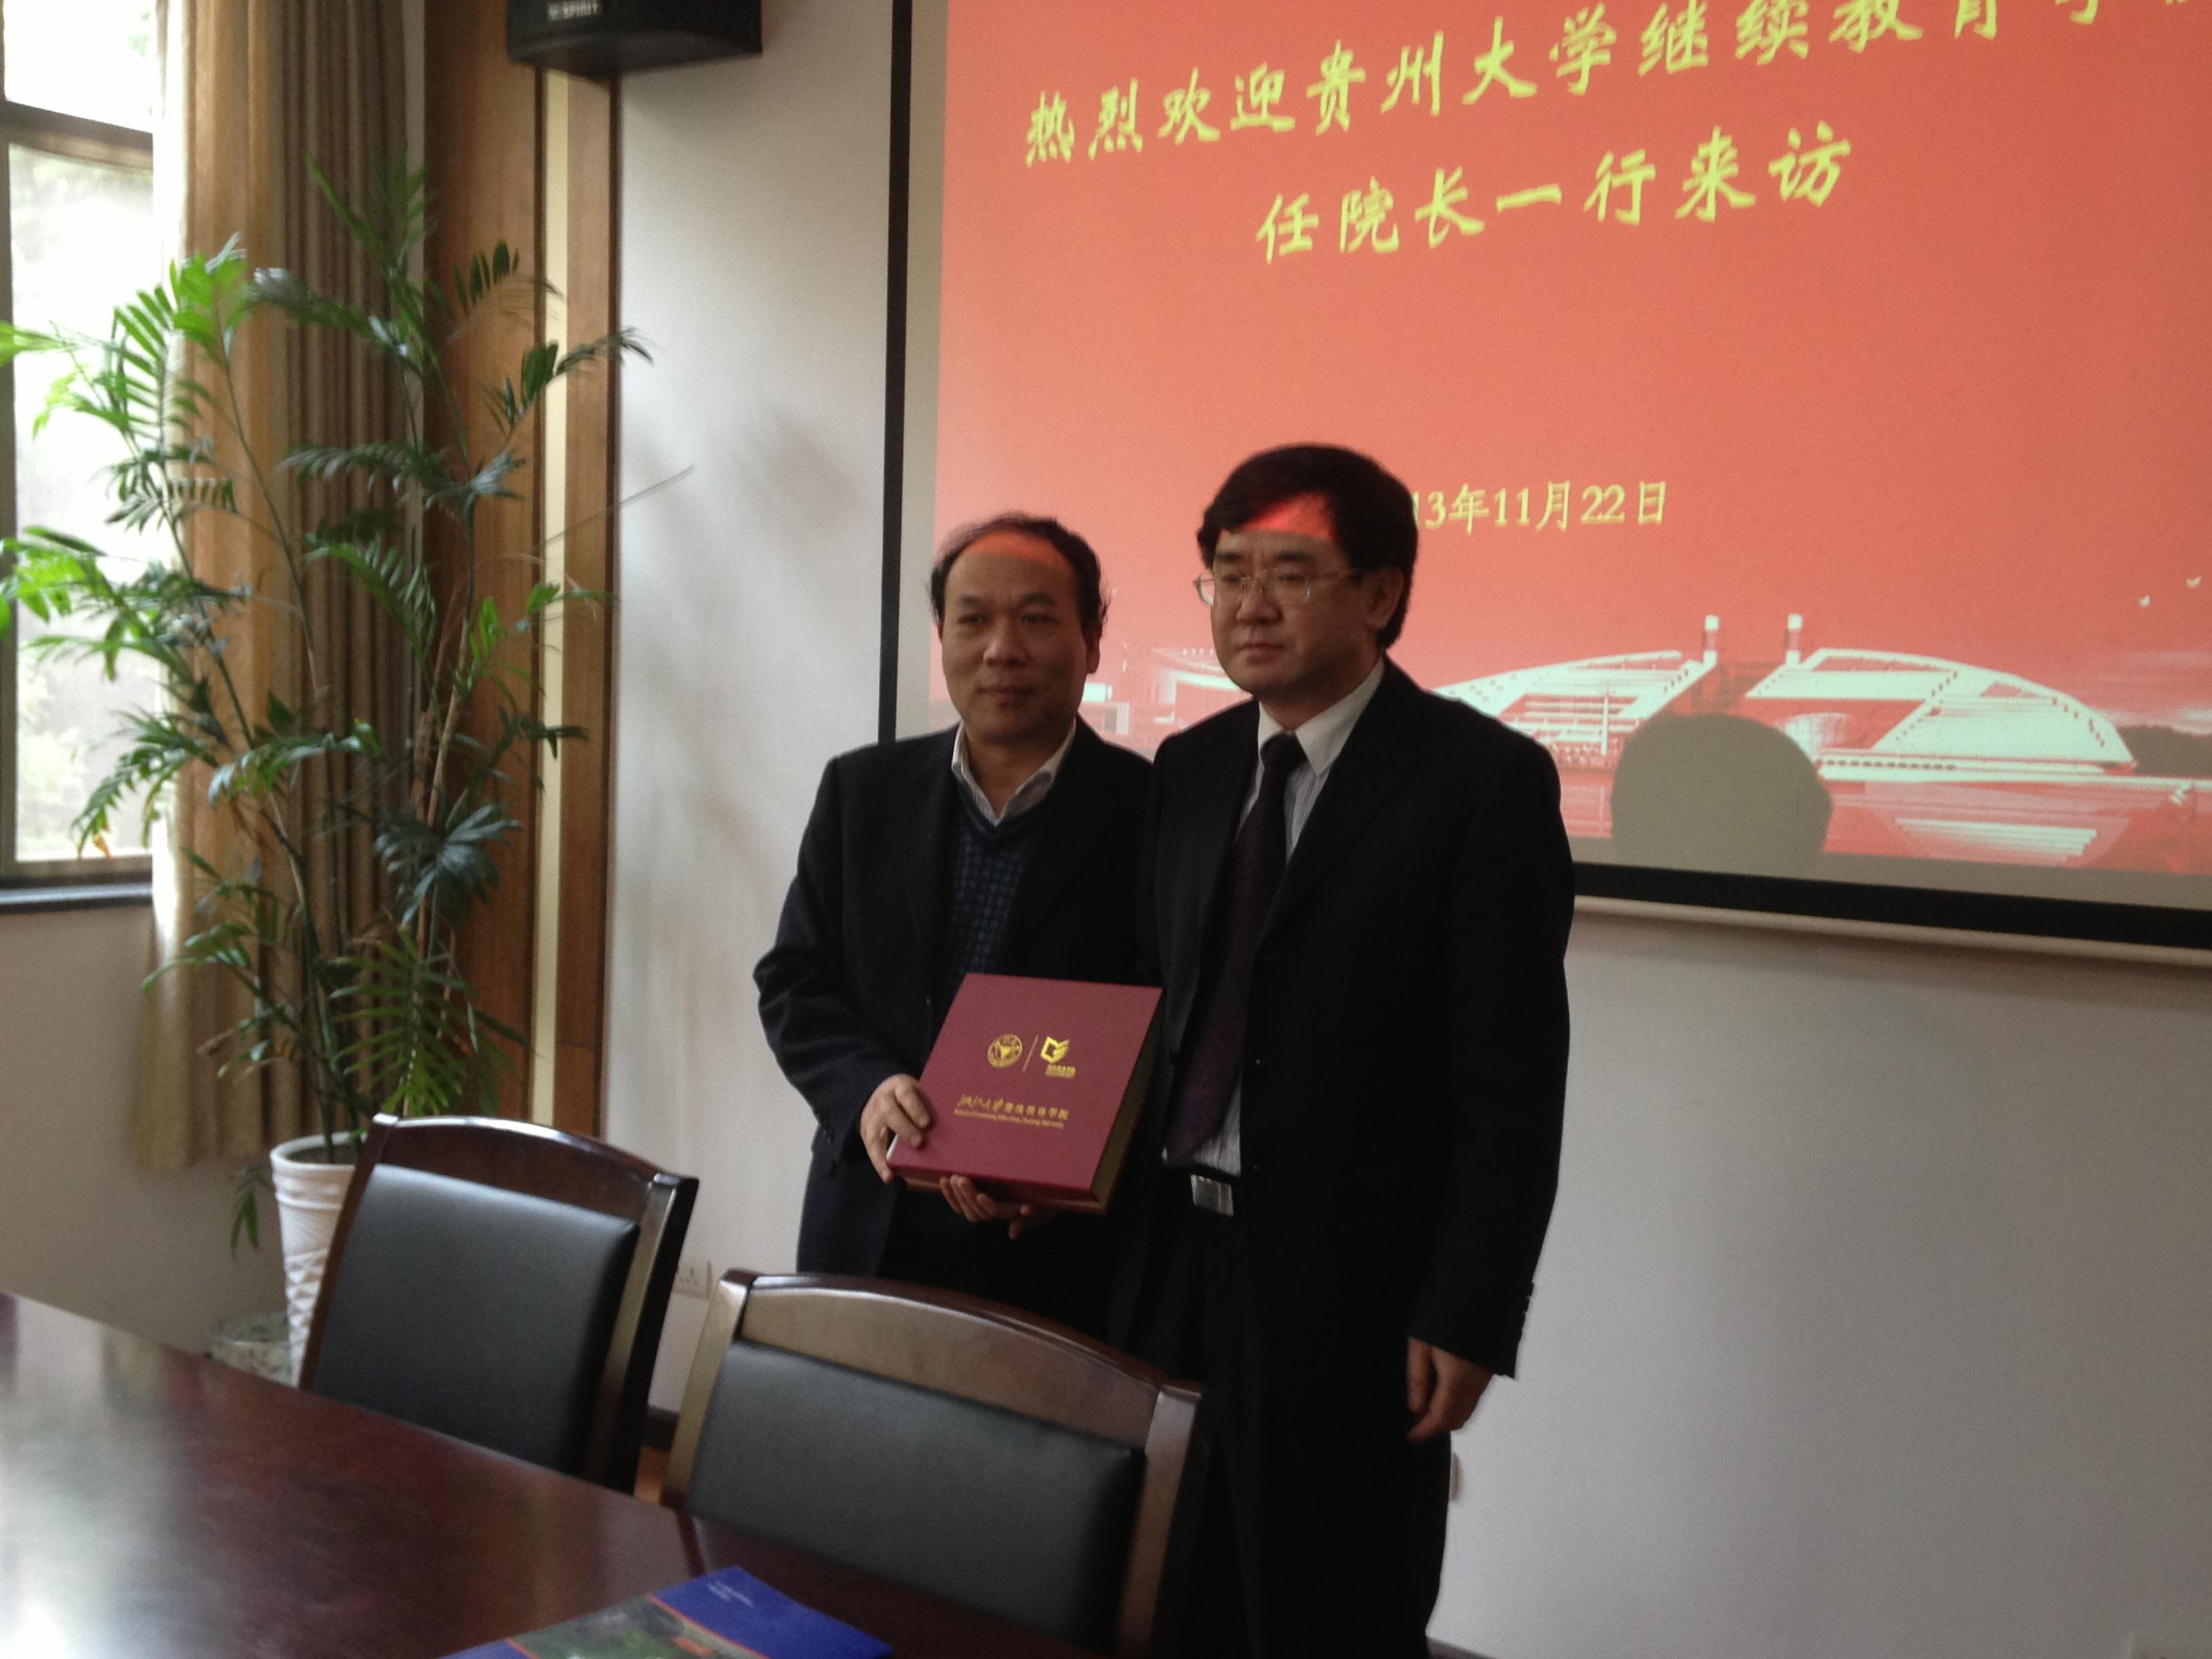 贵州大学继续教育学院任康民院长一行访问我院